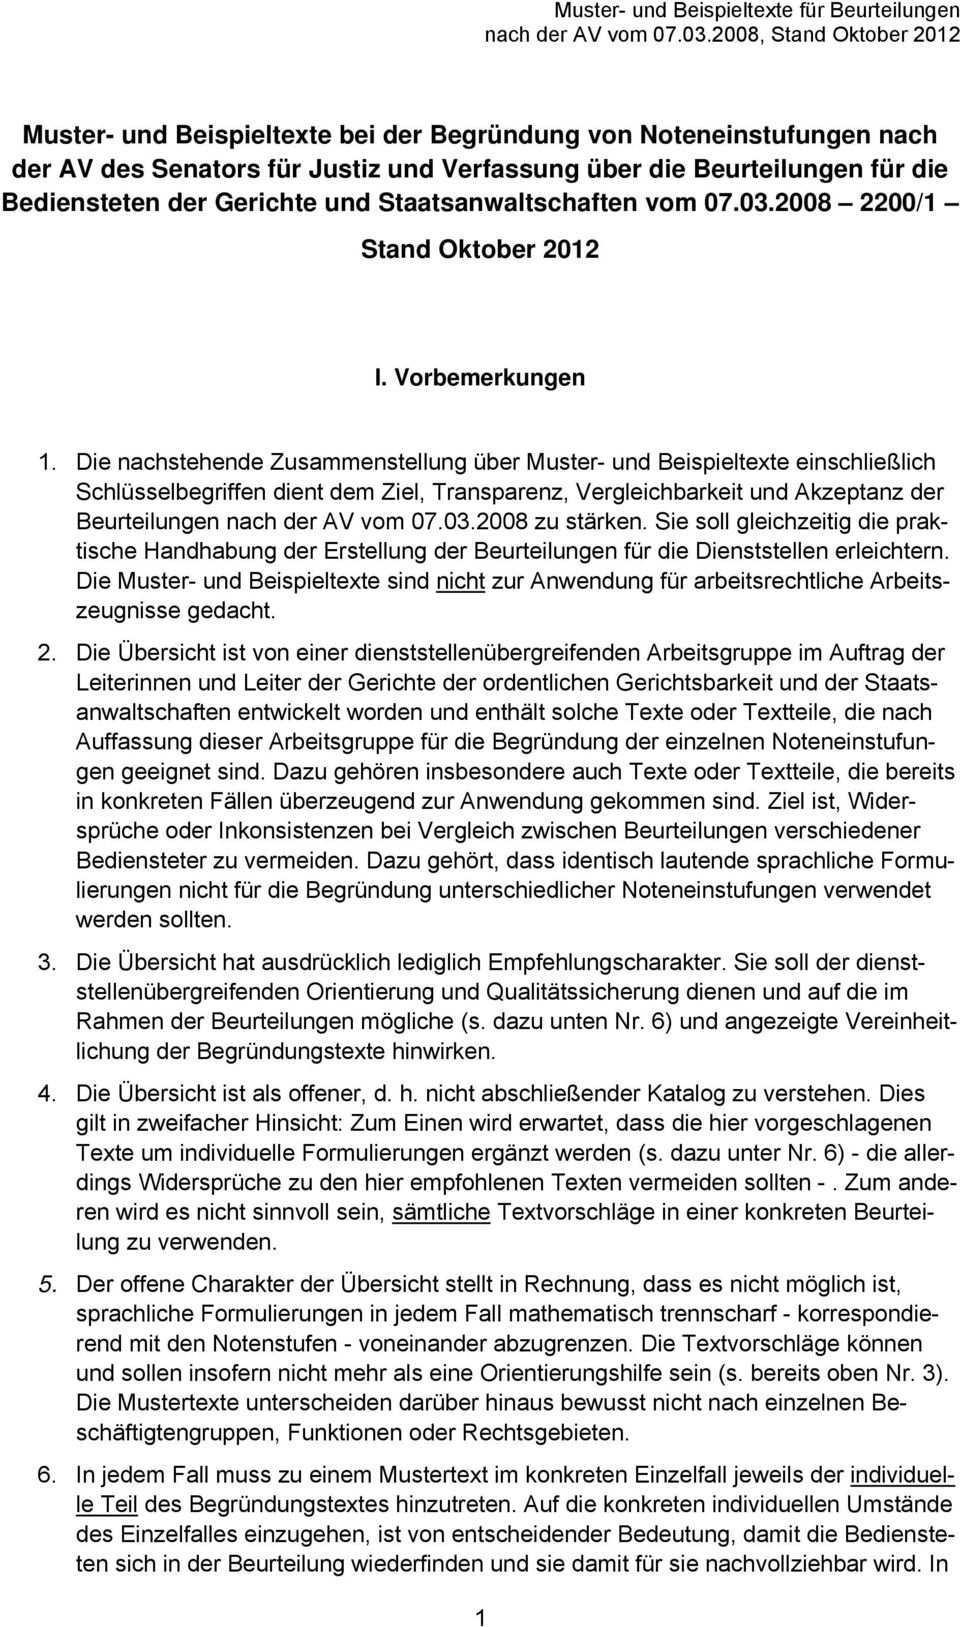 Muster Und Beispieltexte Fur Beurteilungen Nach Der Av Vom Stand Oktober Pdf Kostenfreier Download